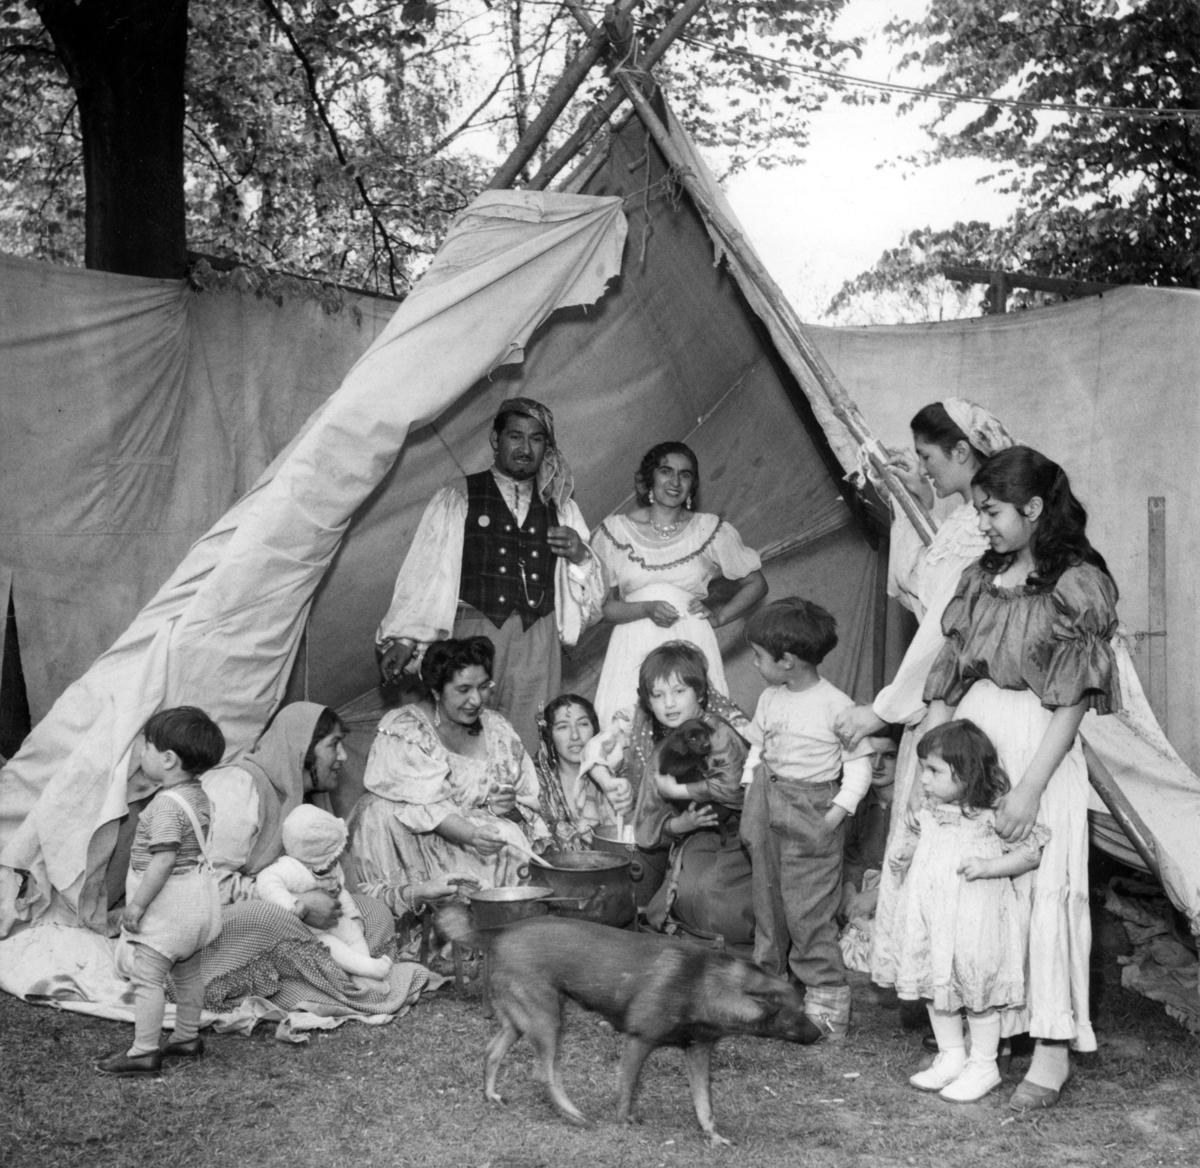 Familjen Kaldaras har installerat sig i ett tält i Folkparken i Lund 1954 och erbjuder Lundaborna en färgsparakande musik- och dansshow . Musik har för romer i alla tider varit både en försörjning och en viktig del av kulturen. Toleransen för romer har historiskt varierat mycket mellan olika samhällen, men romers närvaro har sällan setts som något positivt. Ofta fick man slå sig ned i samhällets utkant, man har förvägrats fast bostad och fördrivits. Efter att de svenska romerna i Sverige erkändes som medborgare år 1952 uppstod debatt kring gruppens svåra levnadsförhållanden. En statlig utredning genomfördes under 1954-1956 där en av slutsatserna blev att fast bostad var nyckeln till att lyckas med skolgång och arbetsliv. Från och med mars 1960 hade möjlighet att rekvirera statsbidrag för kostnader i samband med romers bosättning, vilket förenklade möjligheten för svenska romer att få tillgång till permantenta bostäder samt i förlängningen studier och arbete.